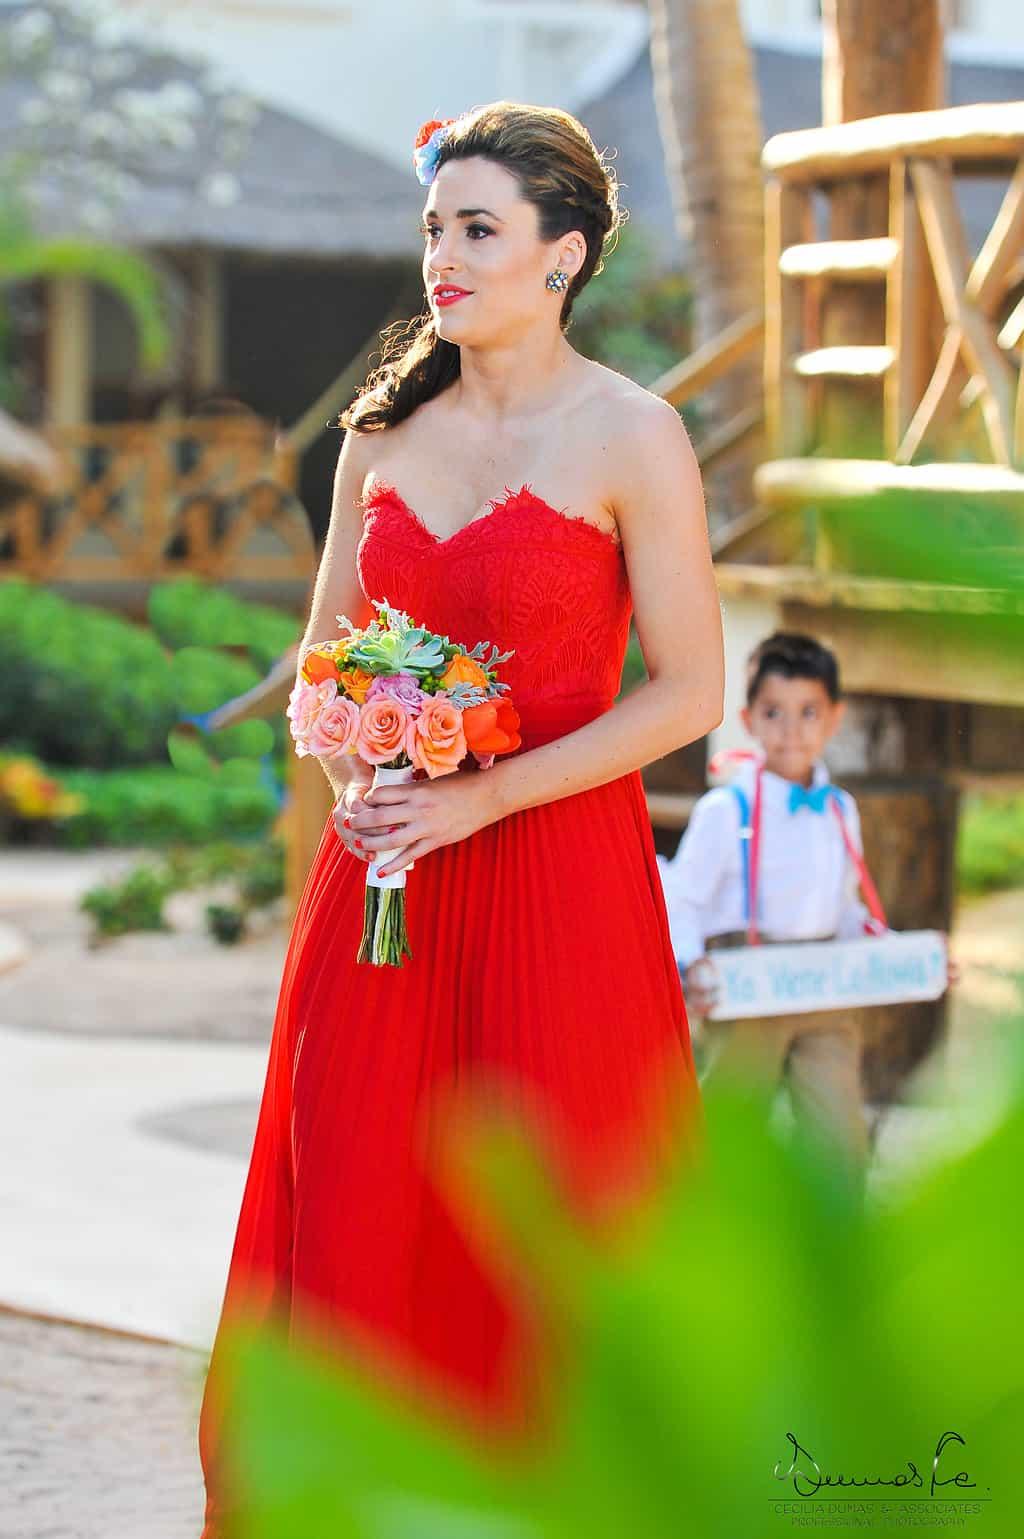 mahekalhotel-playadelcarmen-weddingphotography-lindseyalfredo62